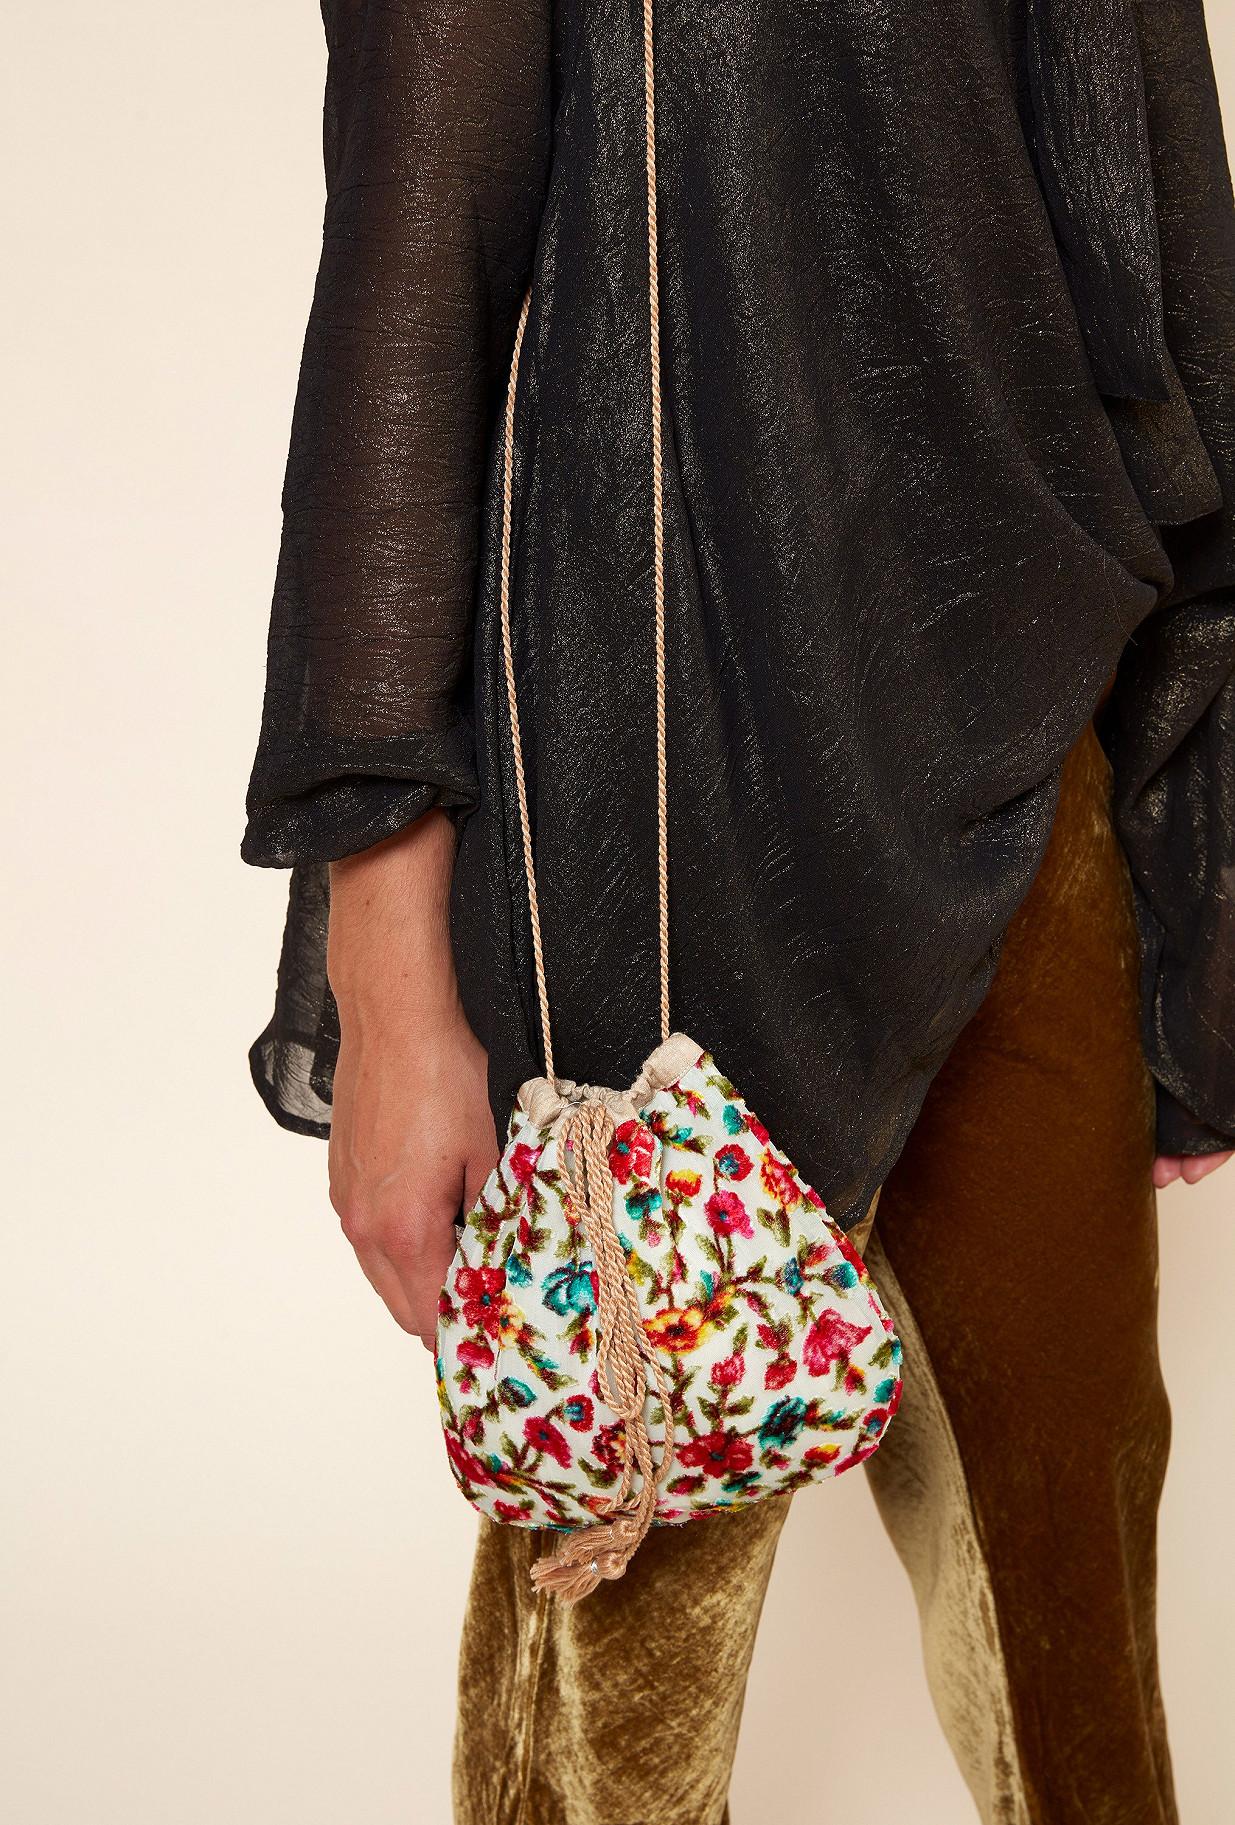 Floral print  Bag  Sam Mes demoiselles fashion clothes designer Paris